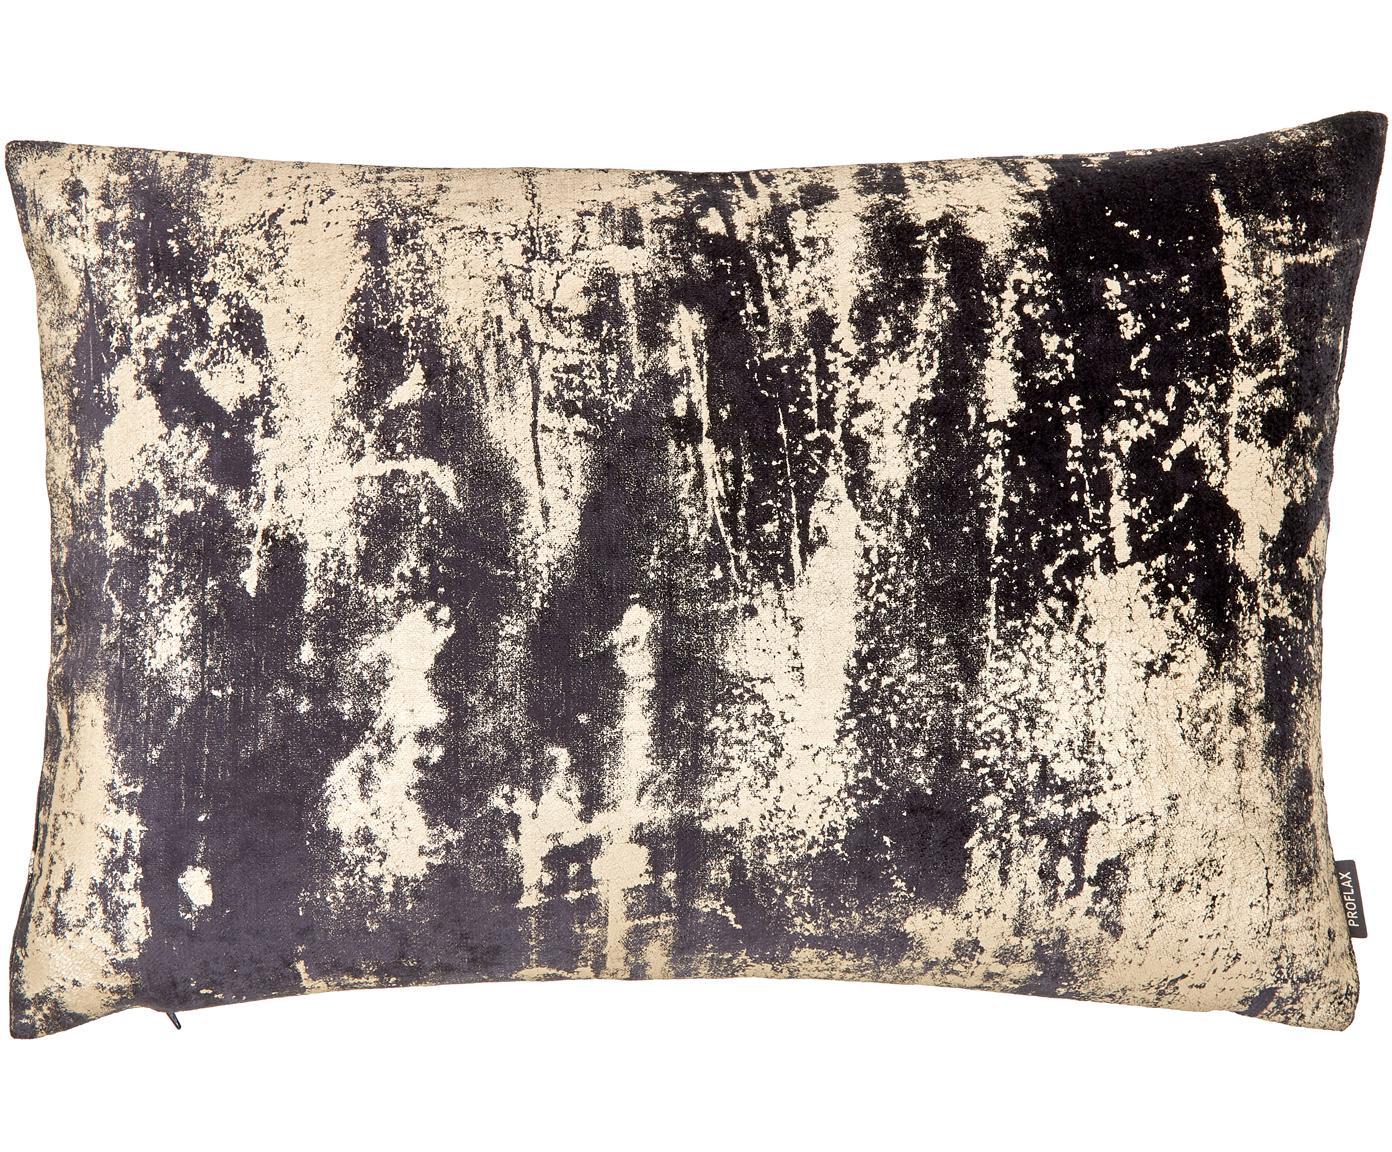 Fluwelen kussenhoes Shiny met glinsterend vintage patroon, Bovenzijde: polyesterfluweel, Onderzijde: polyester, Grafietgrijs, 40 x 60 cm